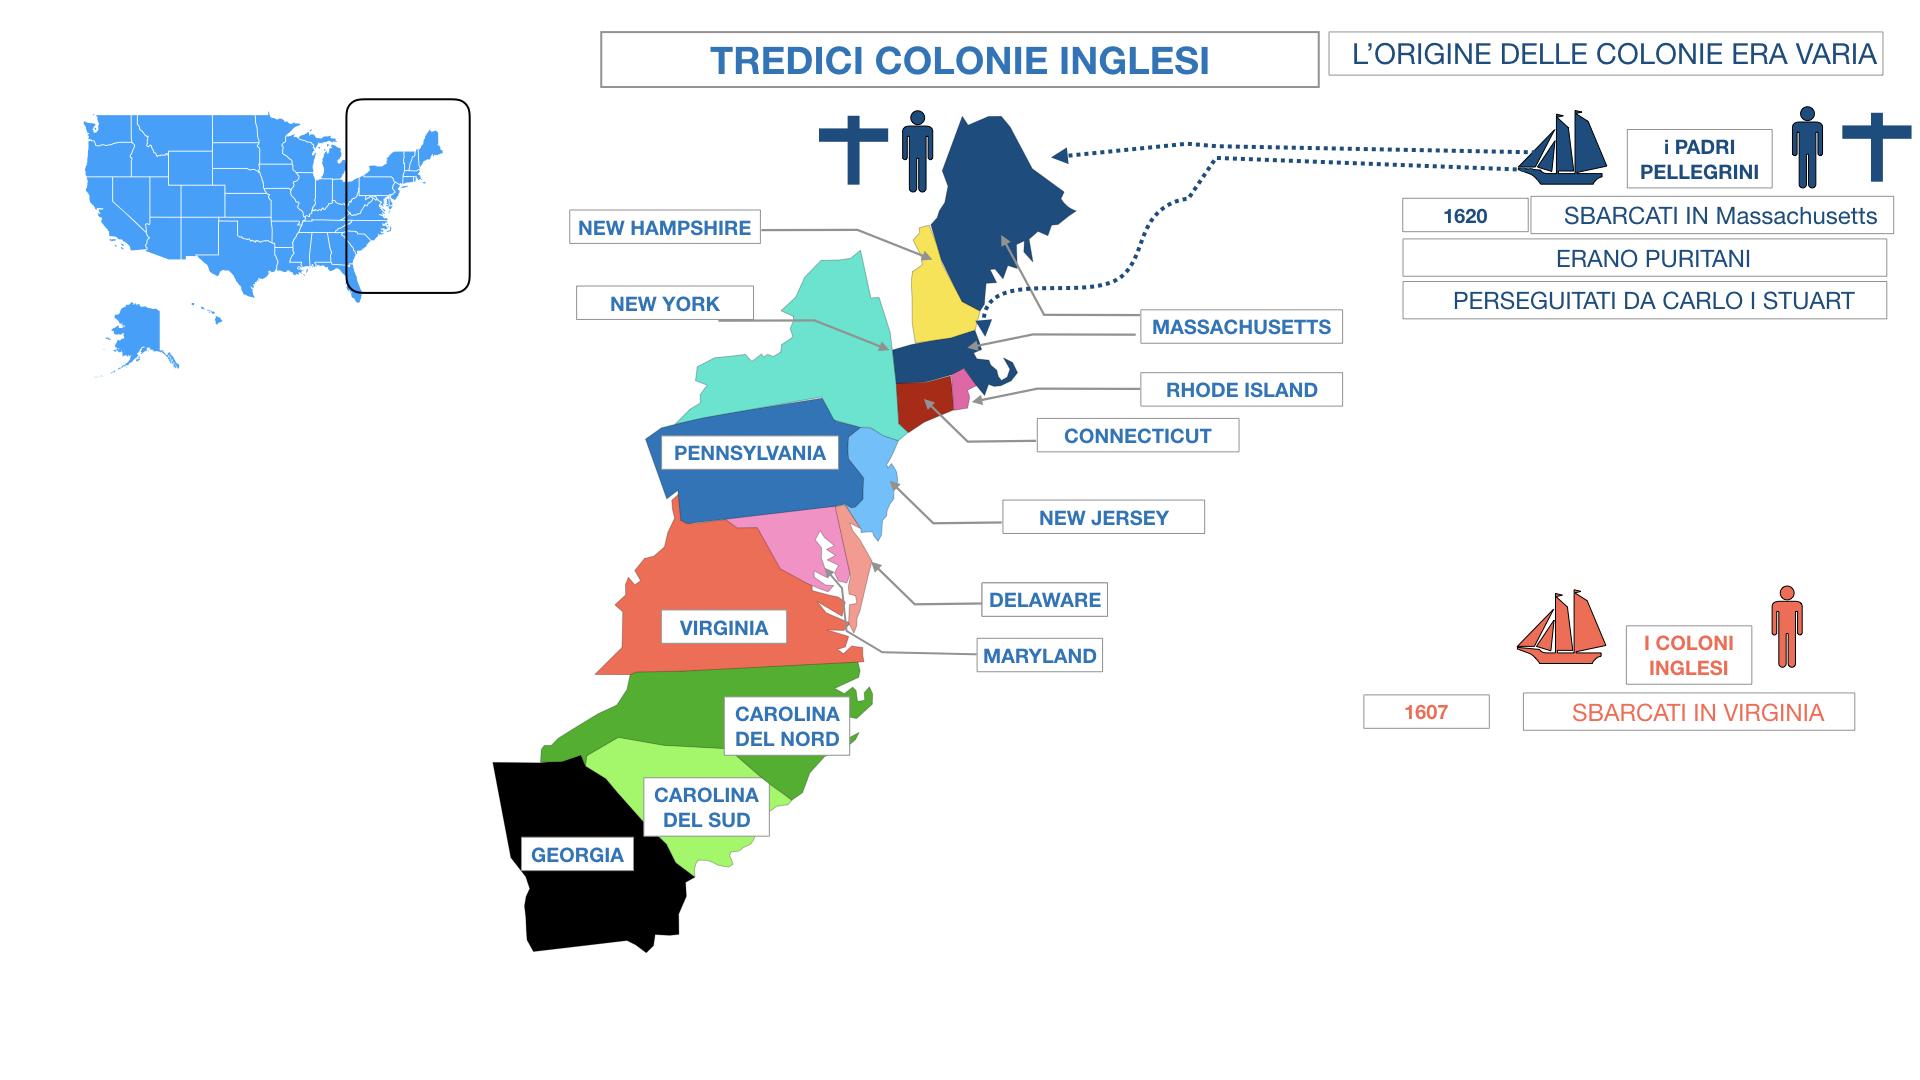 AMERICA LE TREDICI COLONIE INGLESI SIMULAZIONE.046